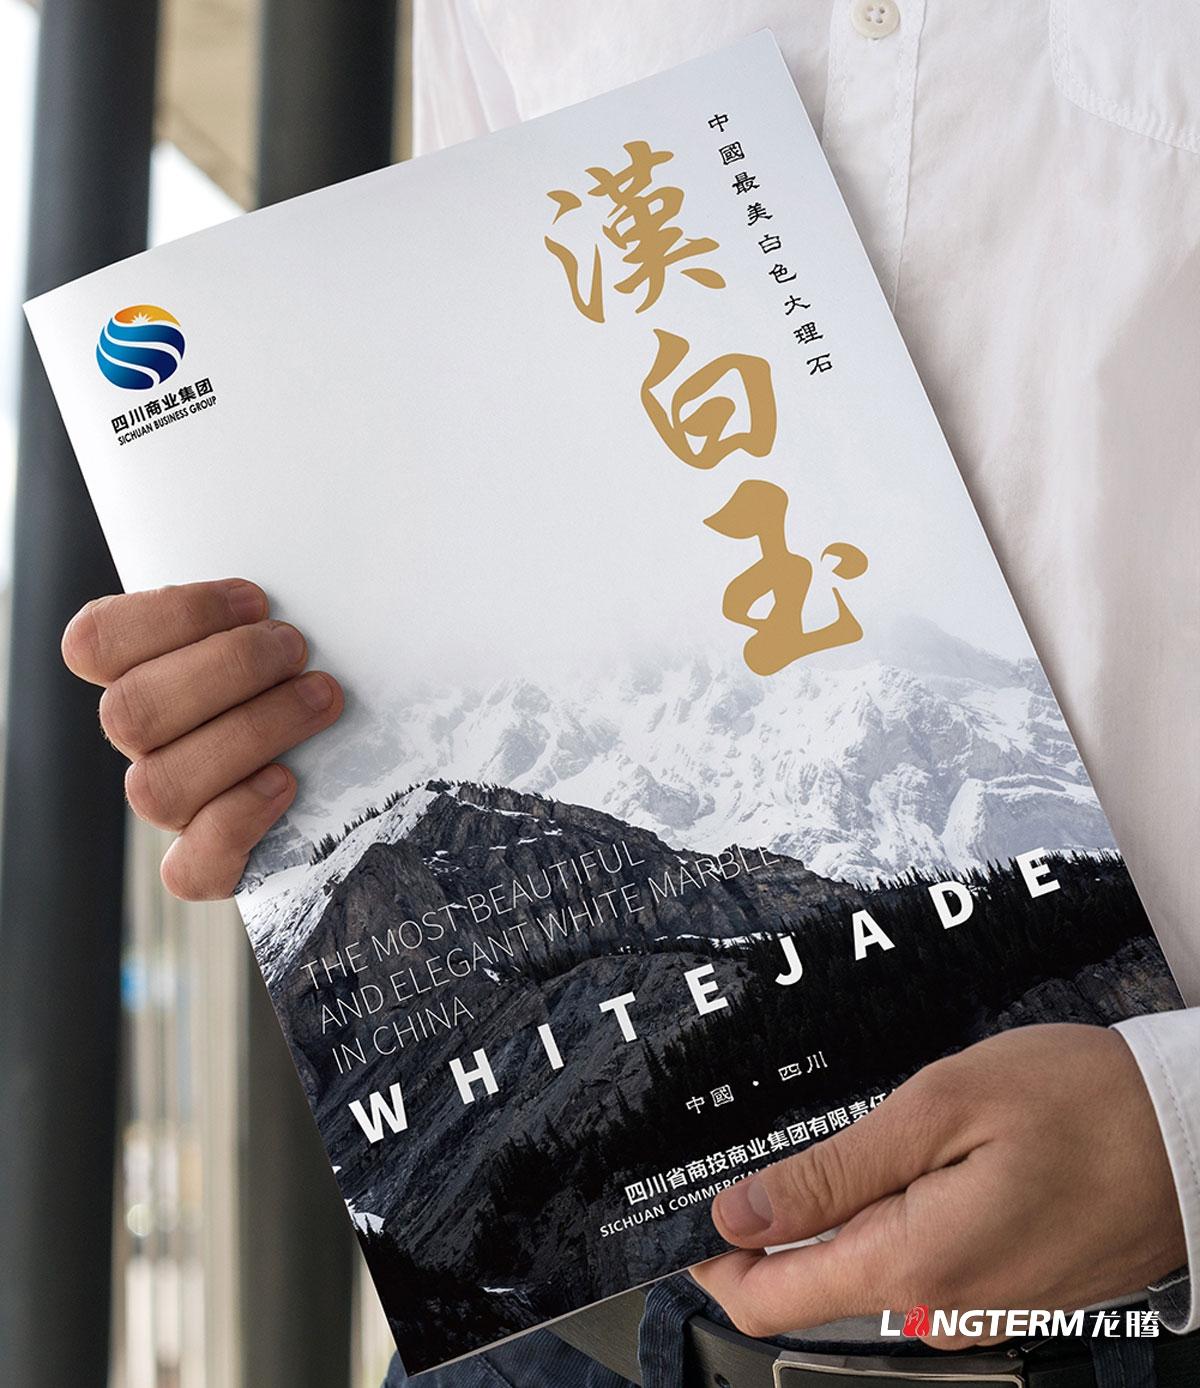 四川省商投商业集团有限责任公司宣传册设计 成都商业经济贸易投资企业形象宣传画册设计印刷制作公司